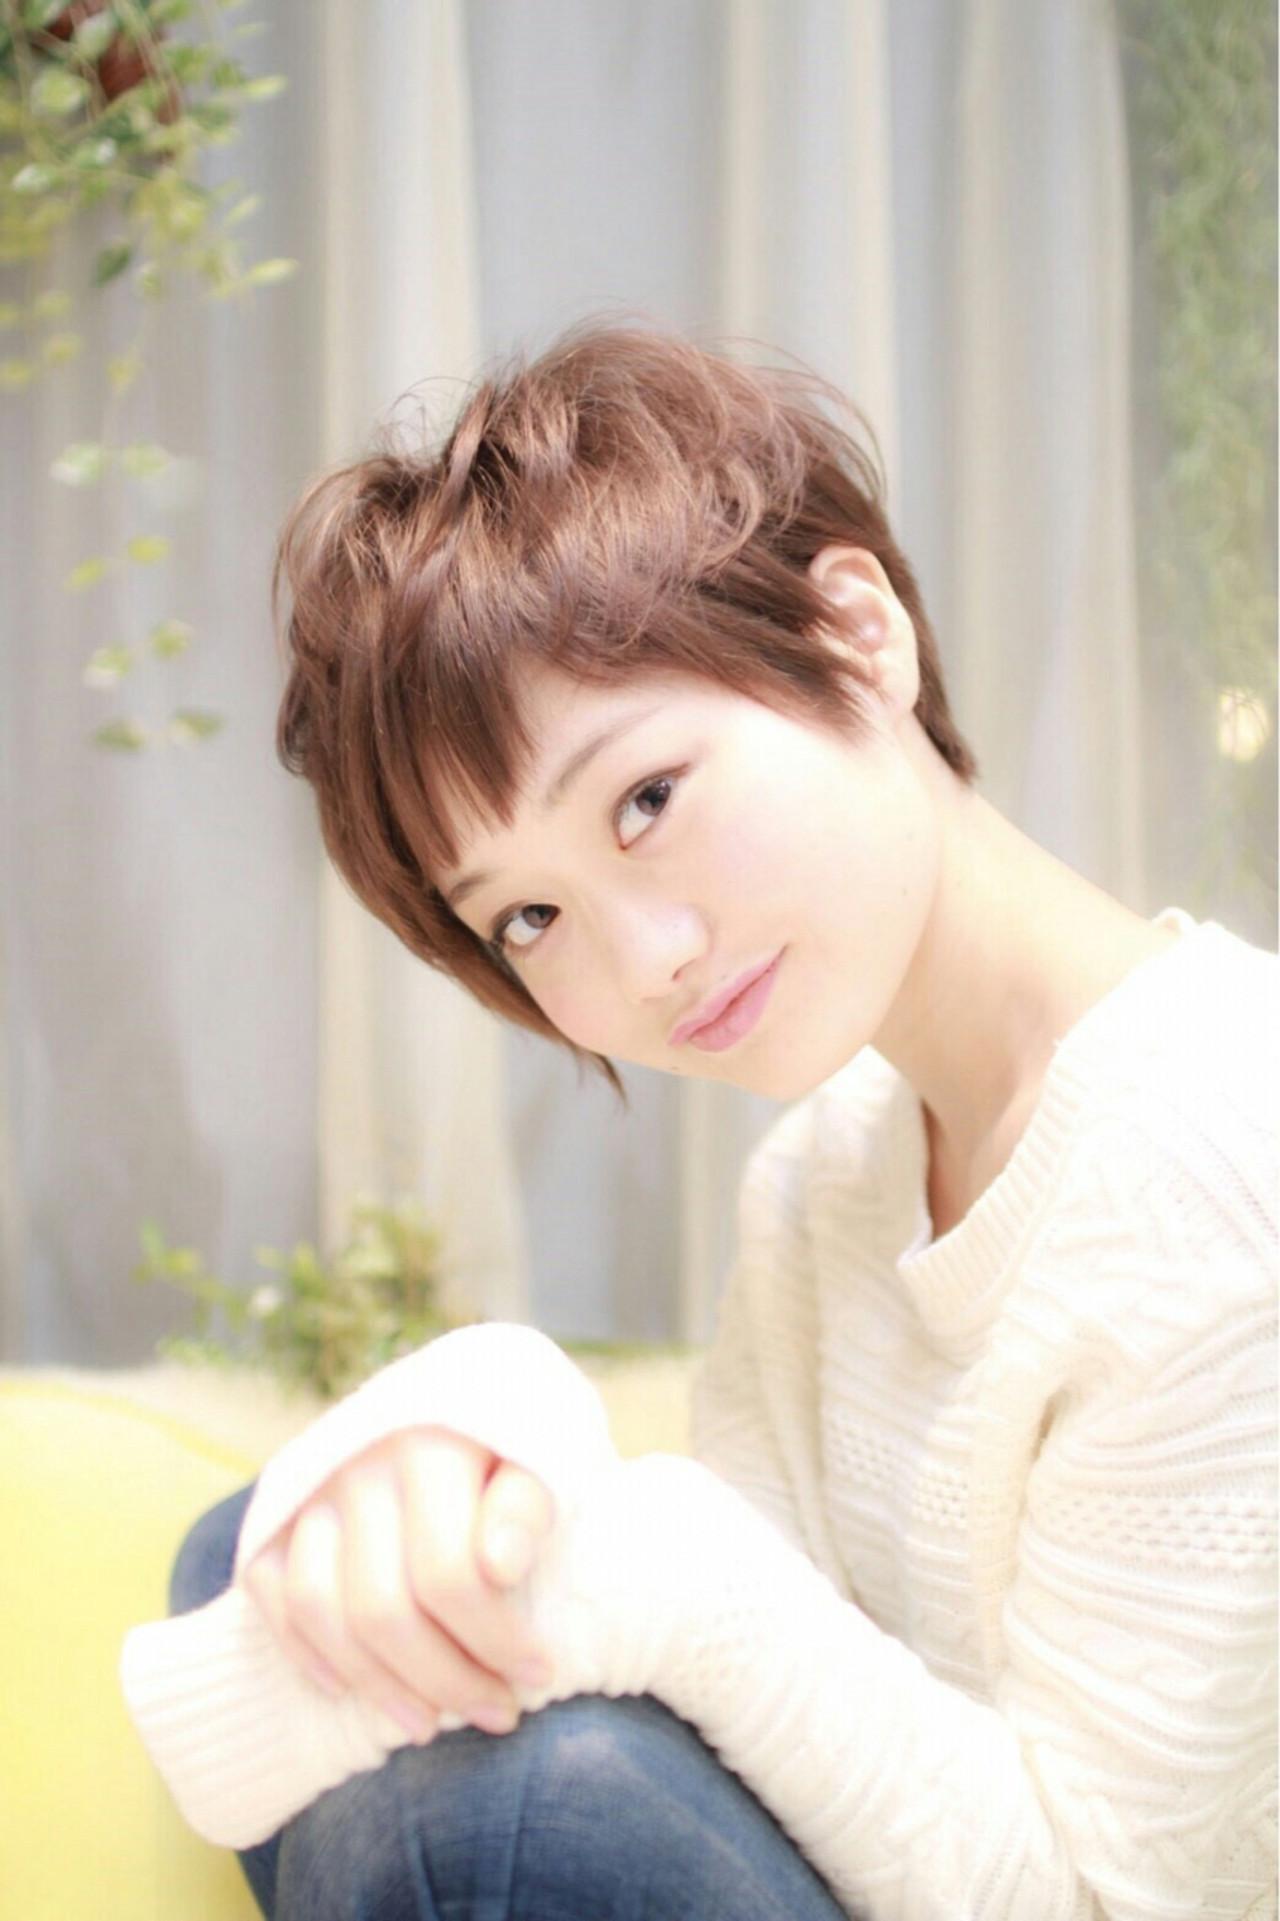 アシメな髪型トレンドカタログ2017♡セルフカット・アレンジ技も伝授♪ ゆかり